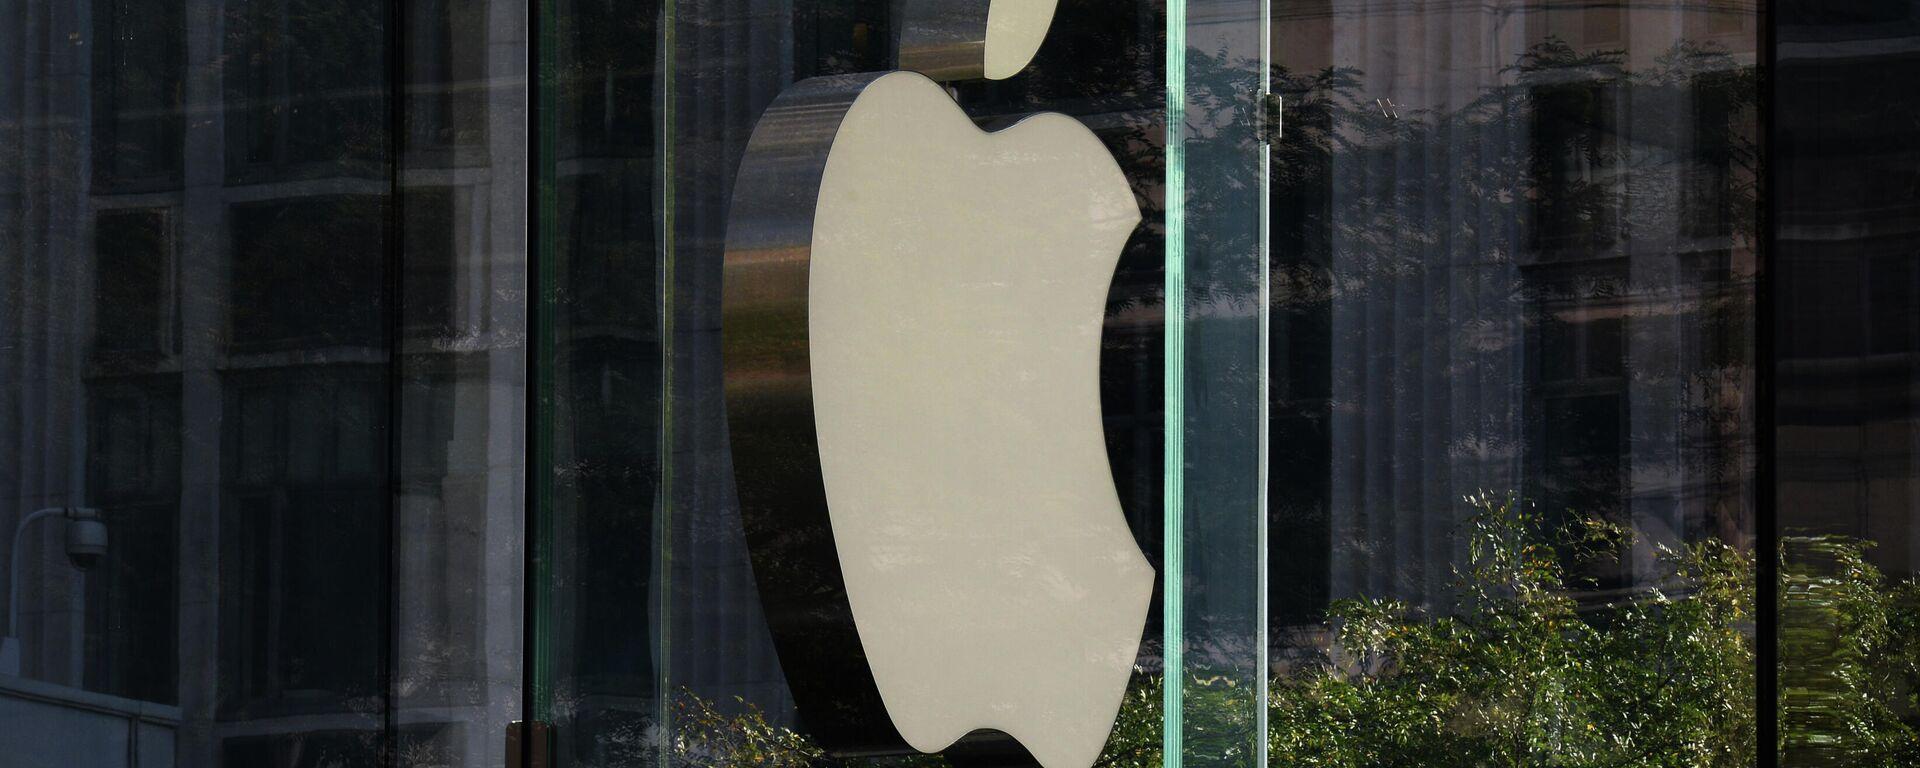 Apple-Logo (Archiv) - SNA, 1920, 14.08.2021